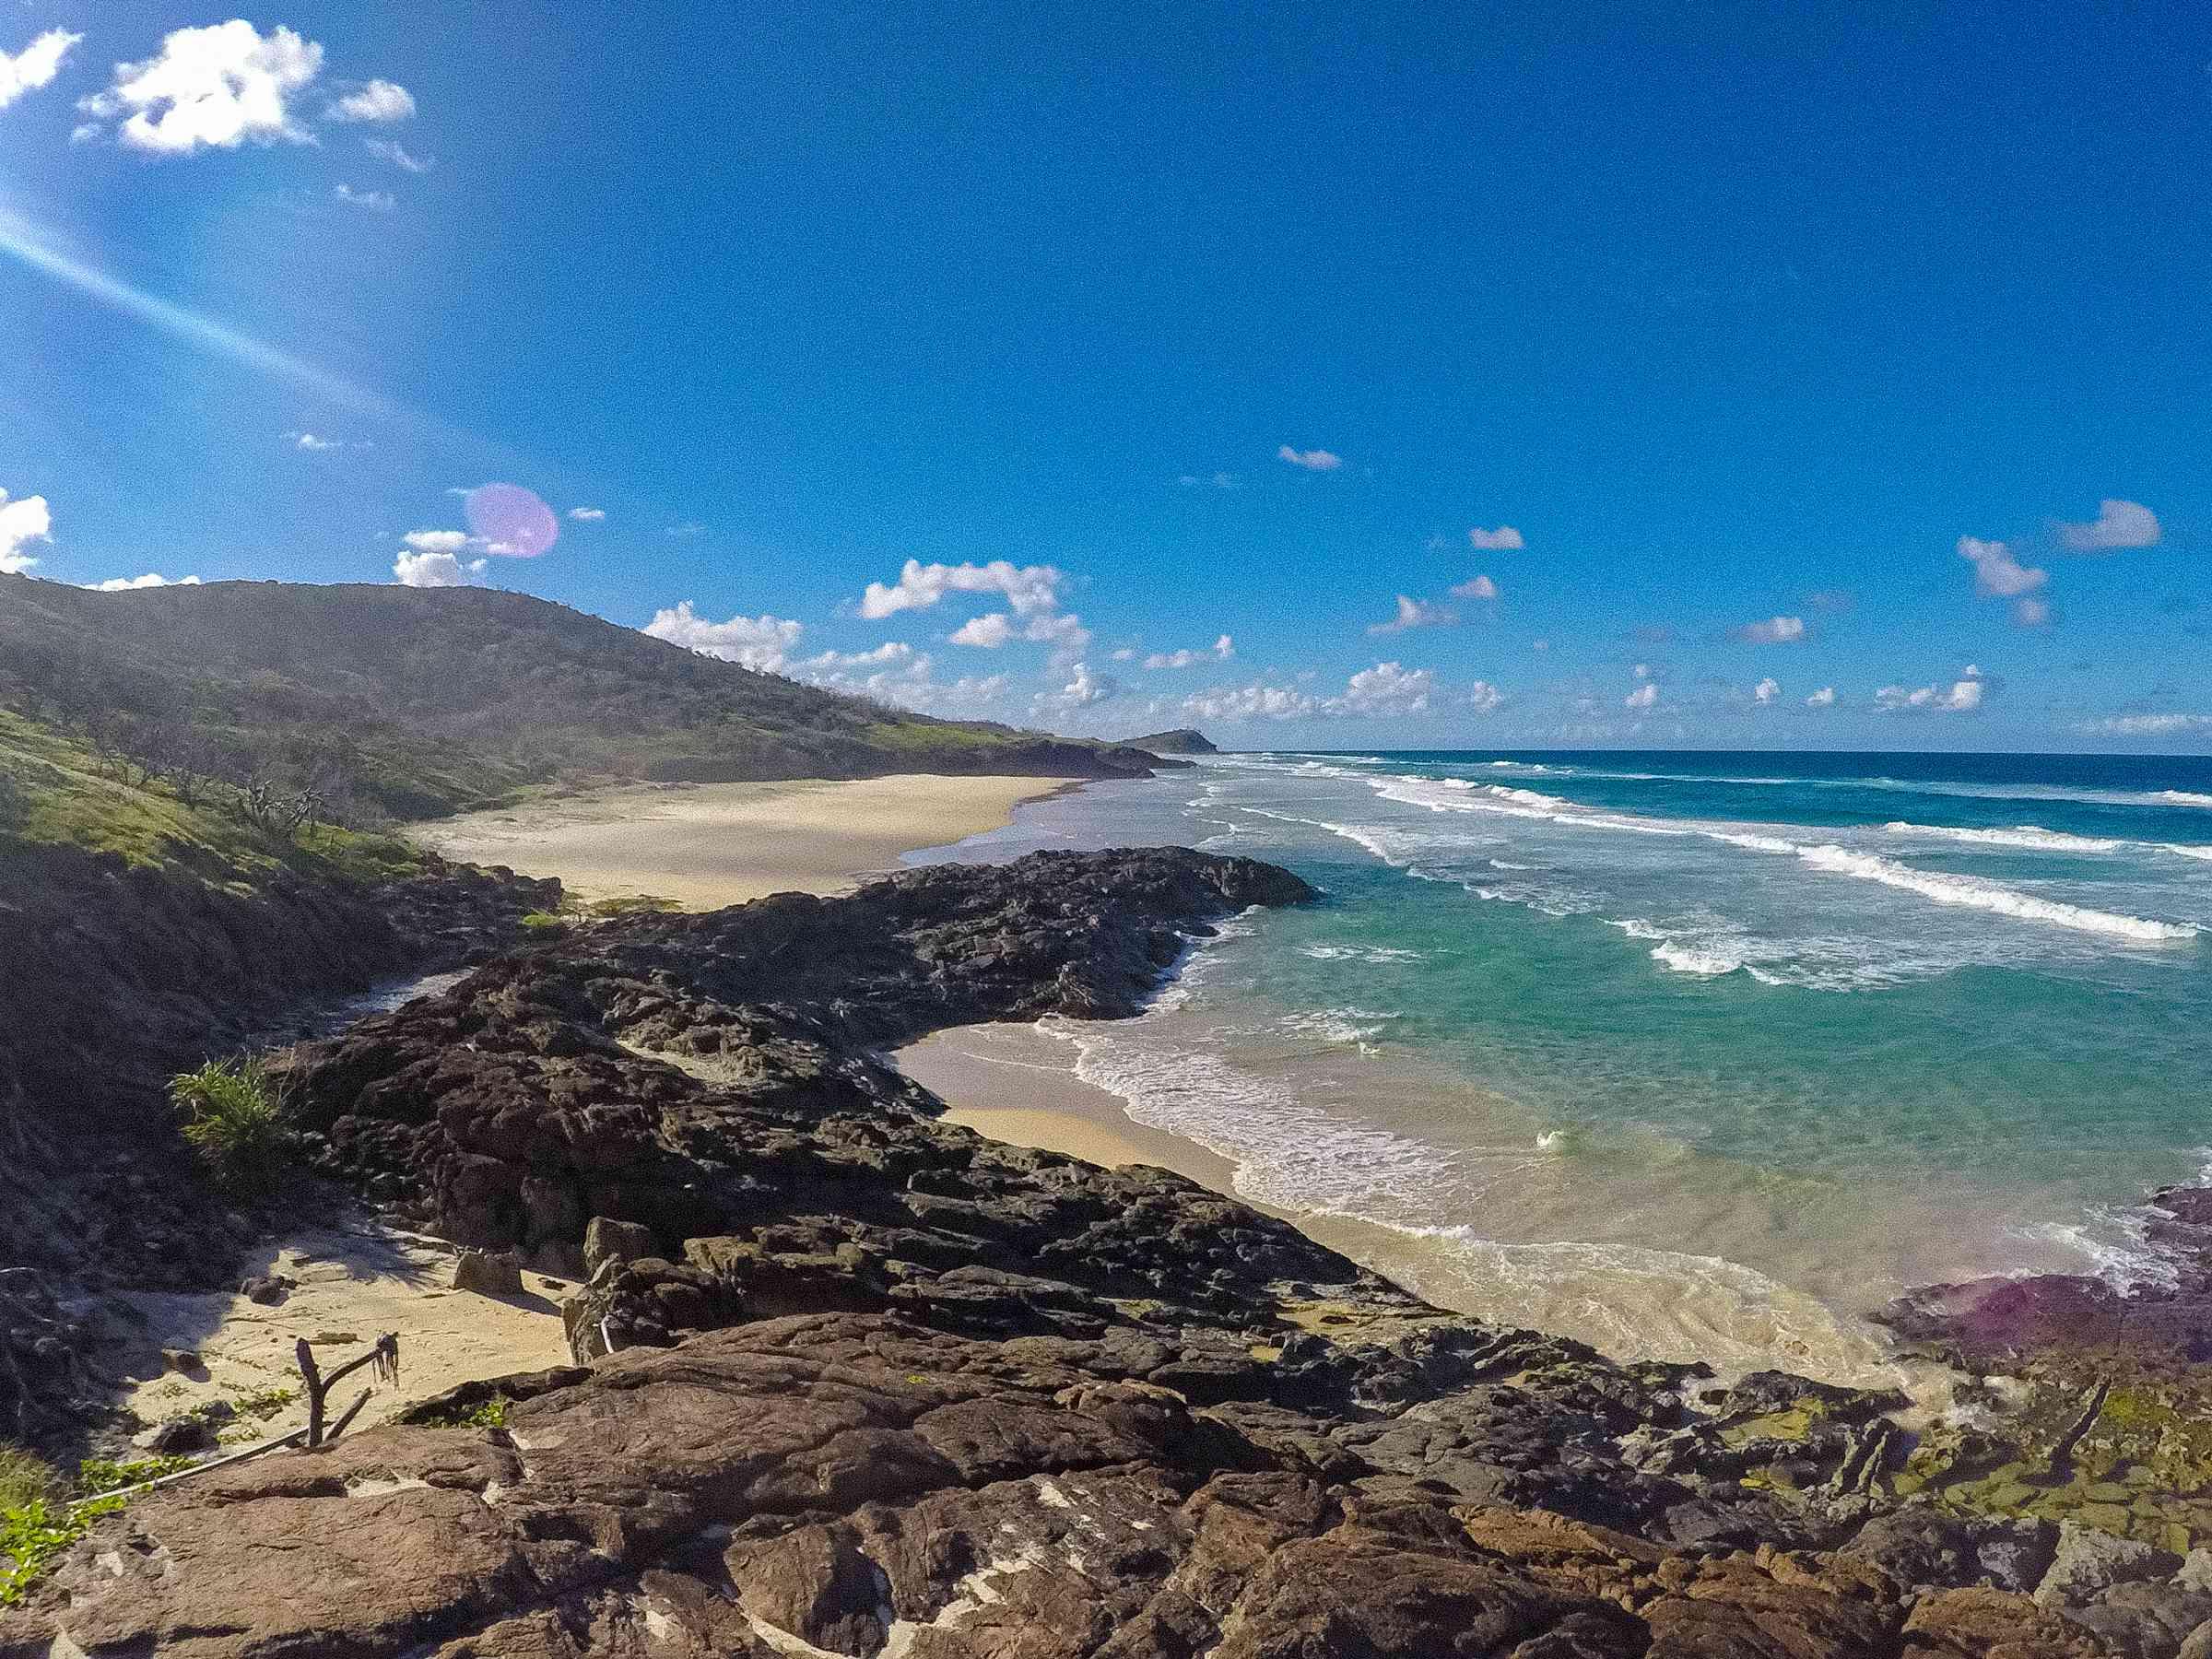 Una playa de arena en la isla Fraser